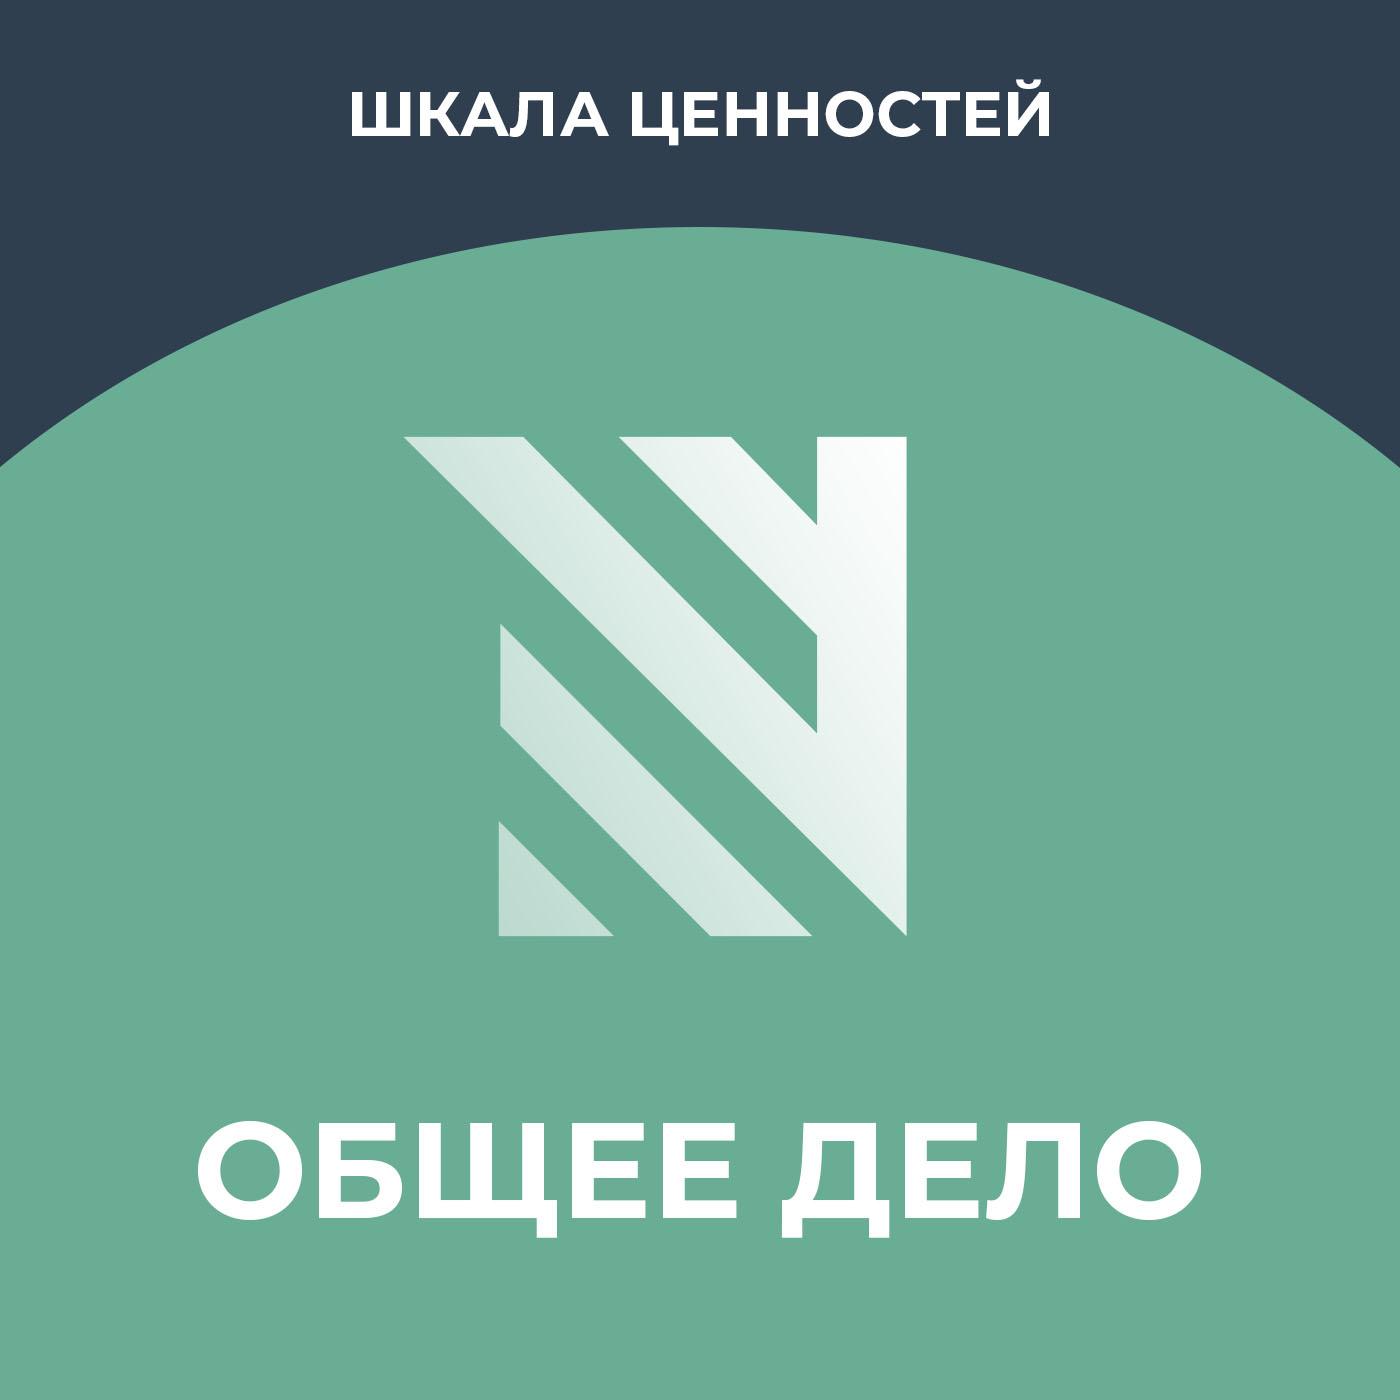 Общее дело#8. Евгения Волункова. Кому помогает социальная журналистика?